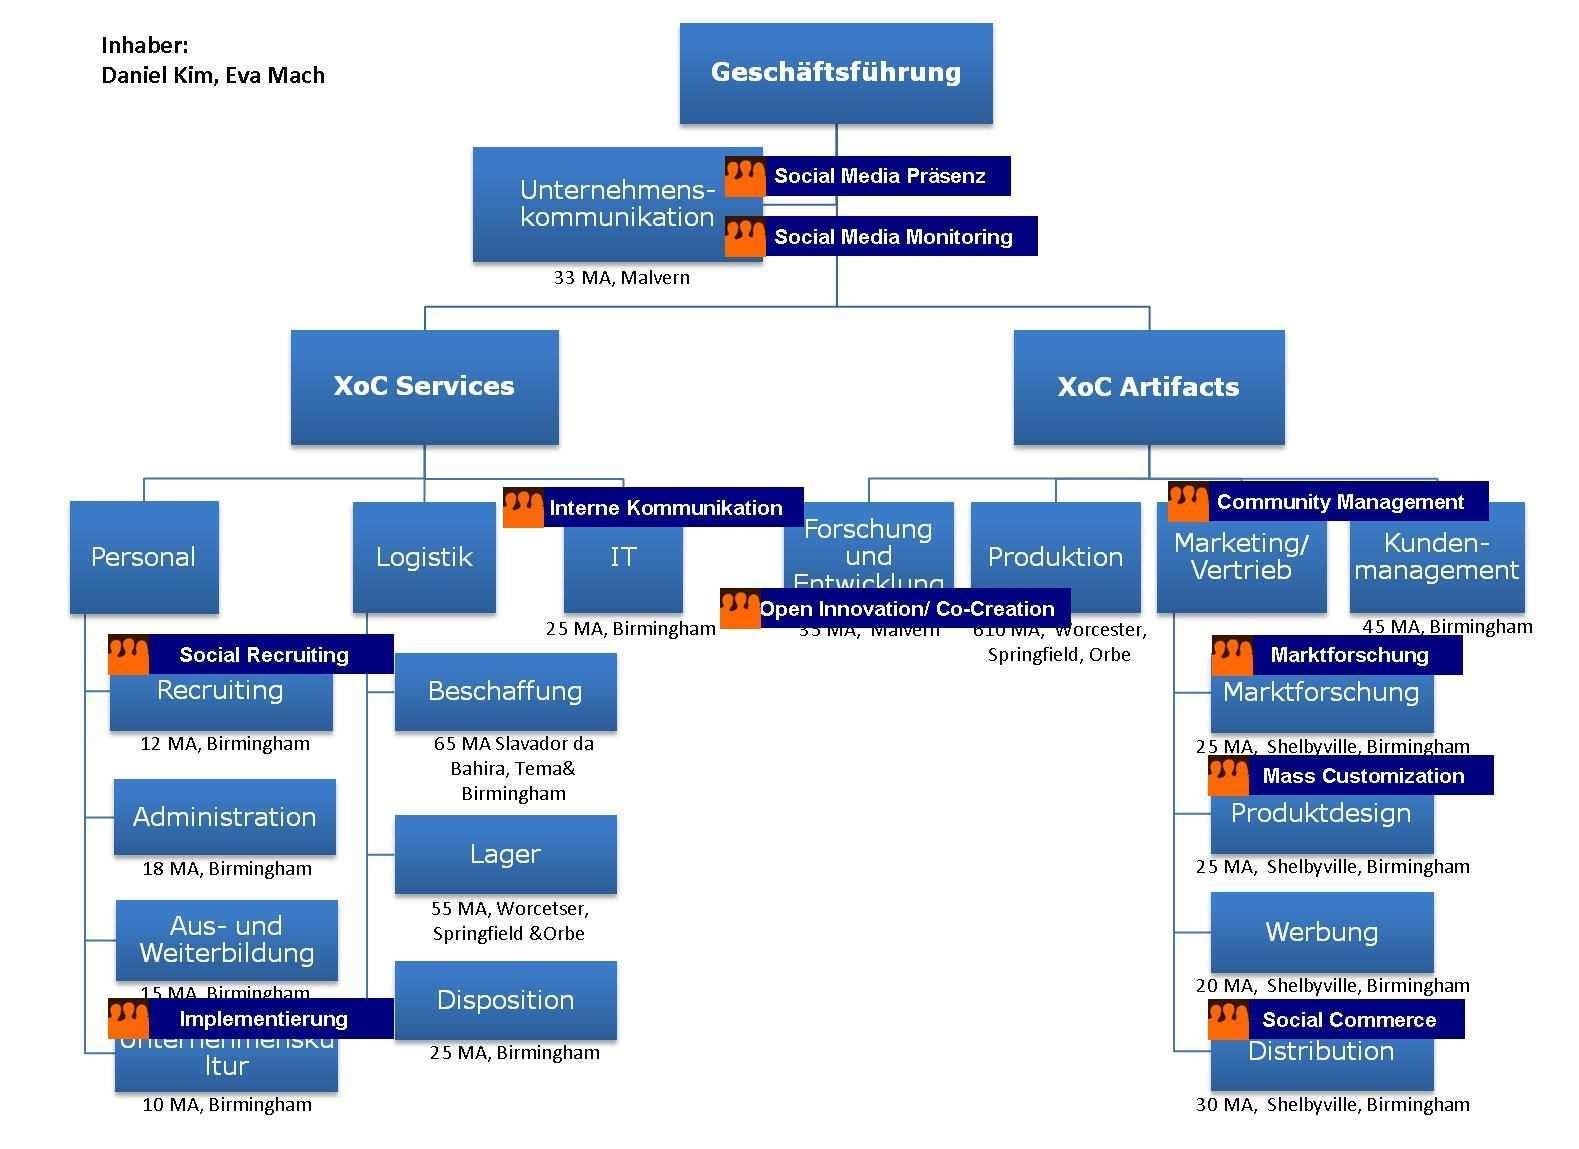 Wie Social Media Im Unternehmen Organisiert Wird Ist Ein Wichtiger Teil Auf Dem Weg Zur Eigenen Strategie Hi Interne Kommunikation Organigramm Marktforschung